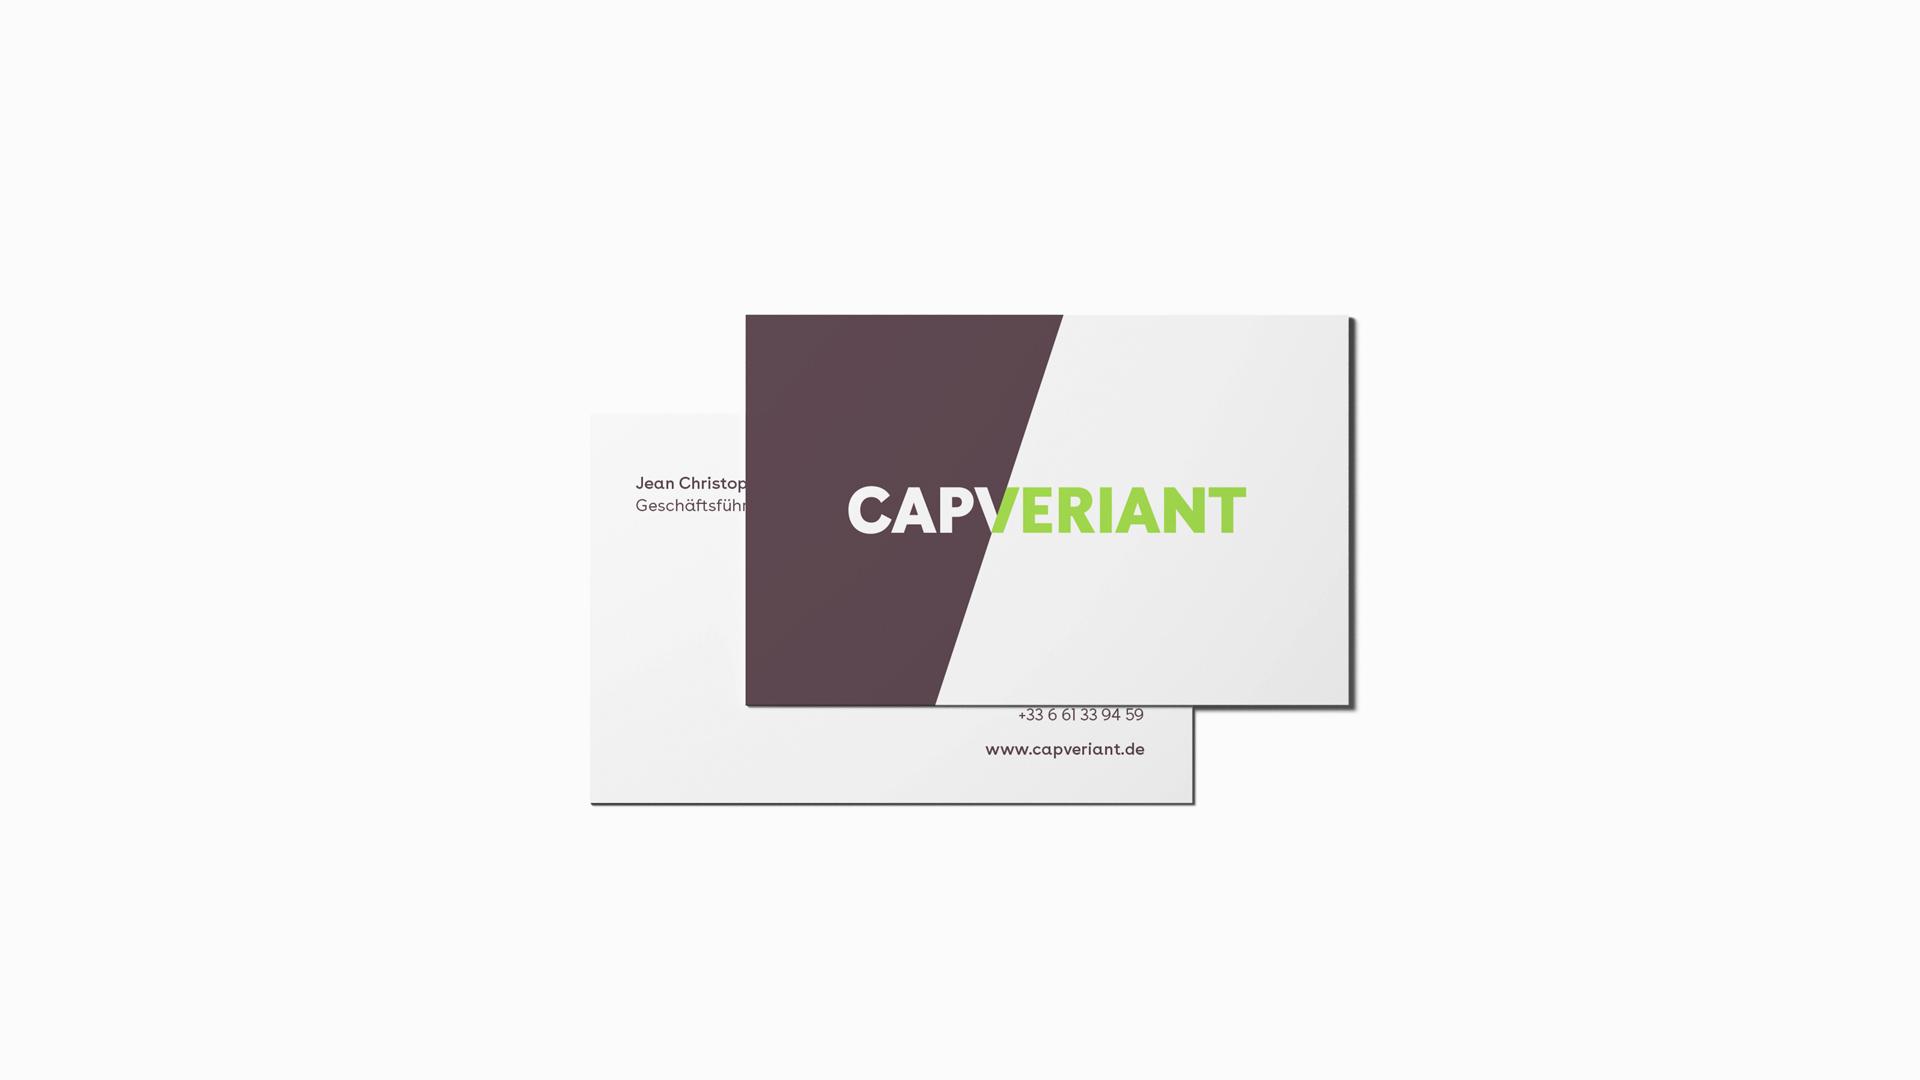 capveriant_5